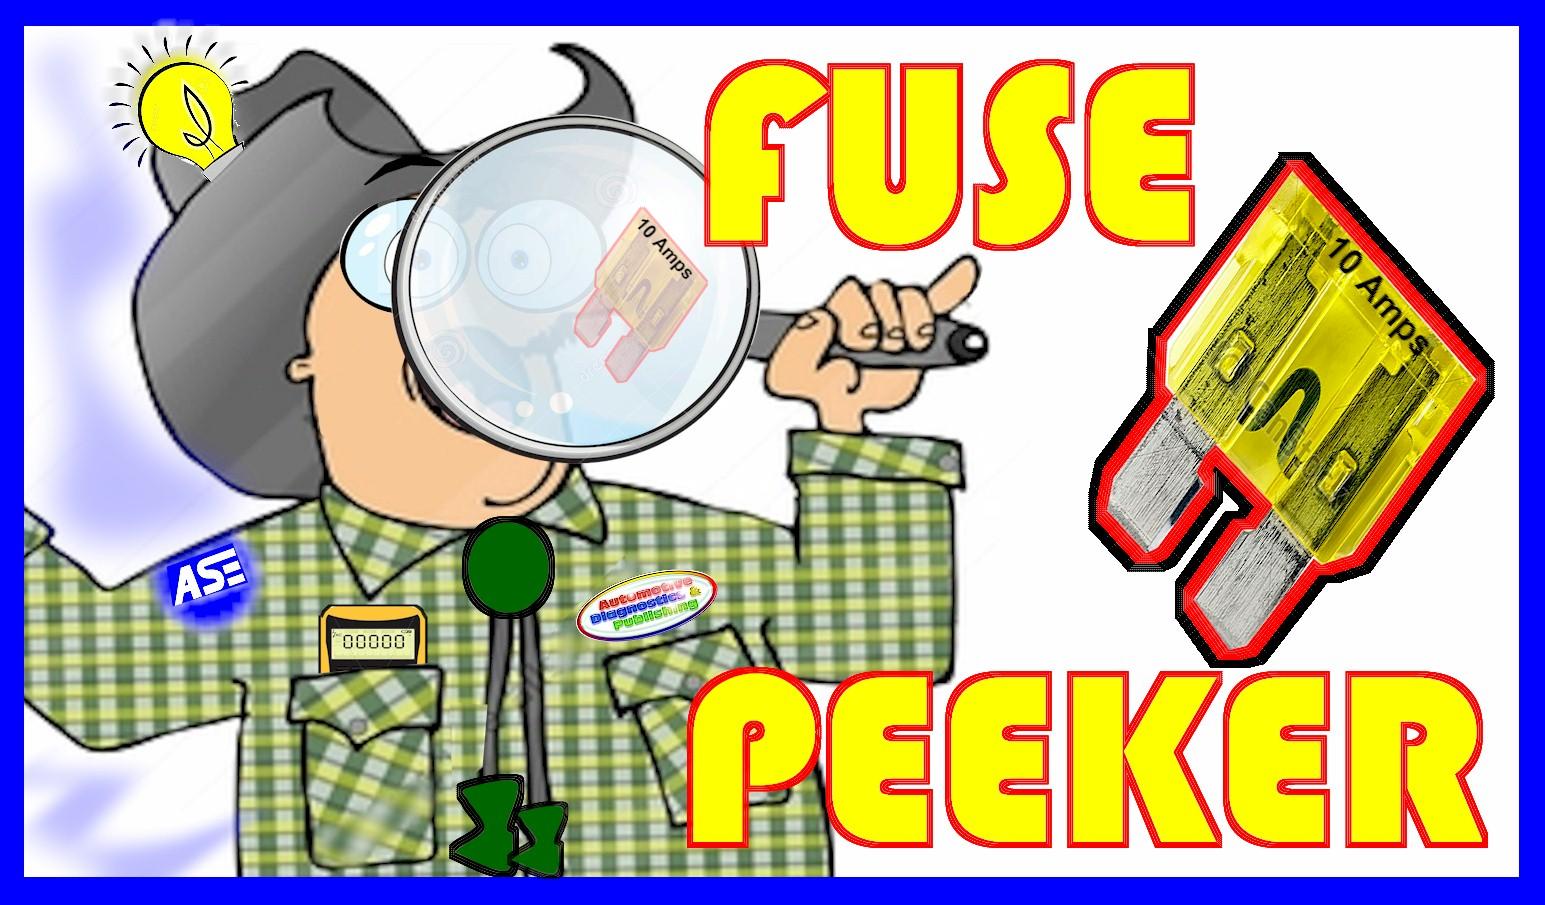 FUSE PEEKER